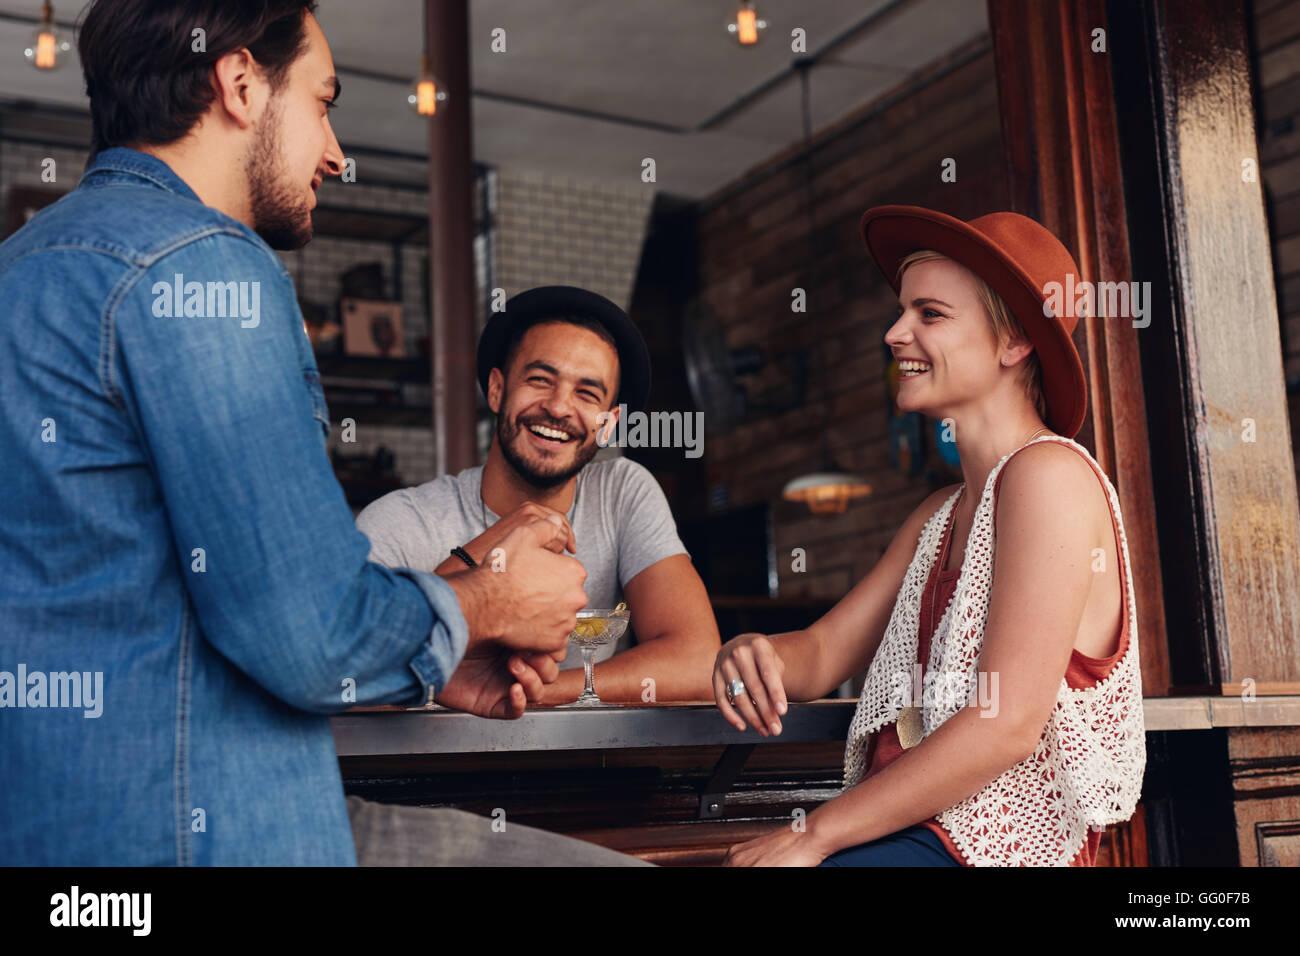 Les jeunes hommes et les femmes siégeant ensemble et parler dans un café. Groupe de jeunes amis dans un Photo Stock